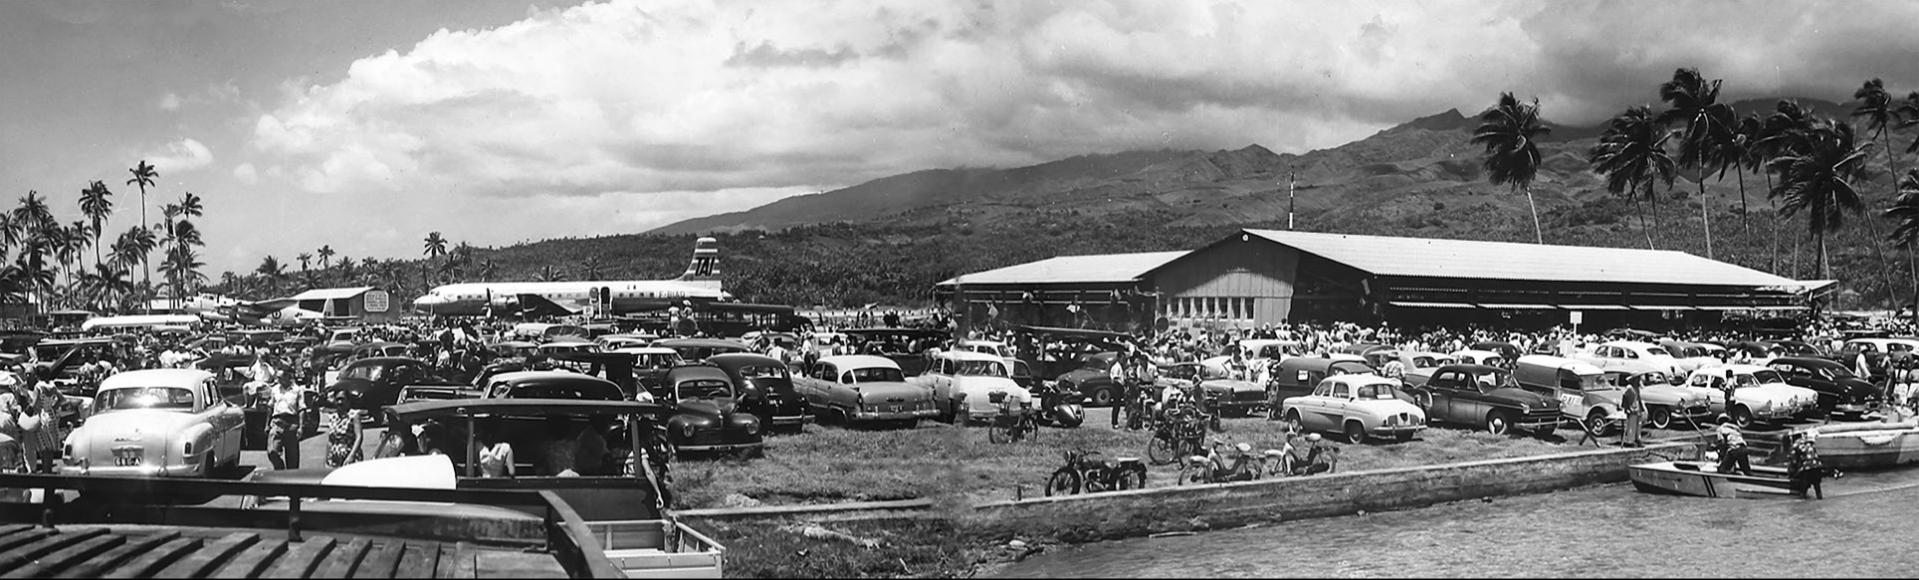 Avant que l'aérogare ne soit terminée et ouverte en 1964, il est nécessaire d'accueillir les gros avions en escale. Un parking est ouvert sur une partie de surface déjà remblayée coté montagne. Durant cette période, un bus reliera le DC 8 de l'UTA, au motu sur lequel demeure encore la première et rustique salle d'embarquement. PHOTO : A.SYLVAIN